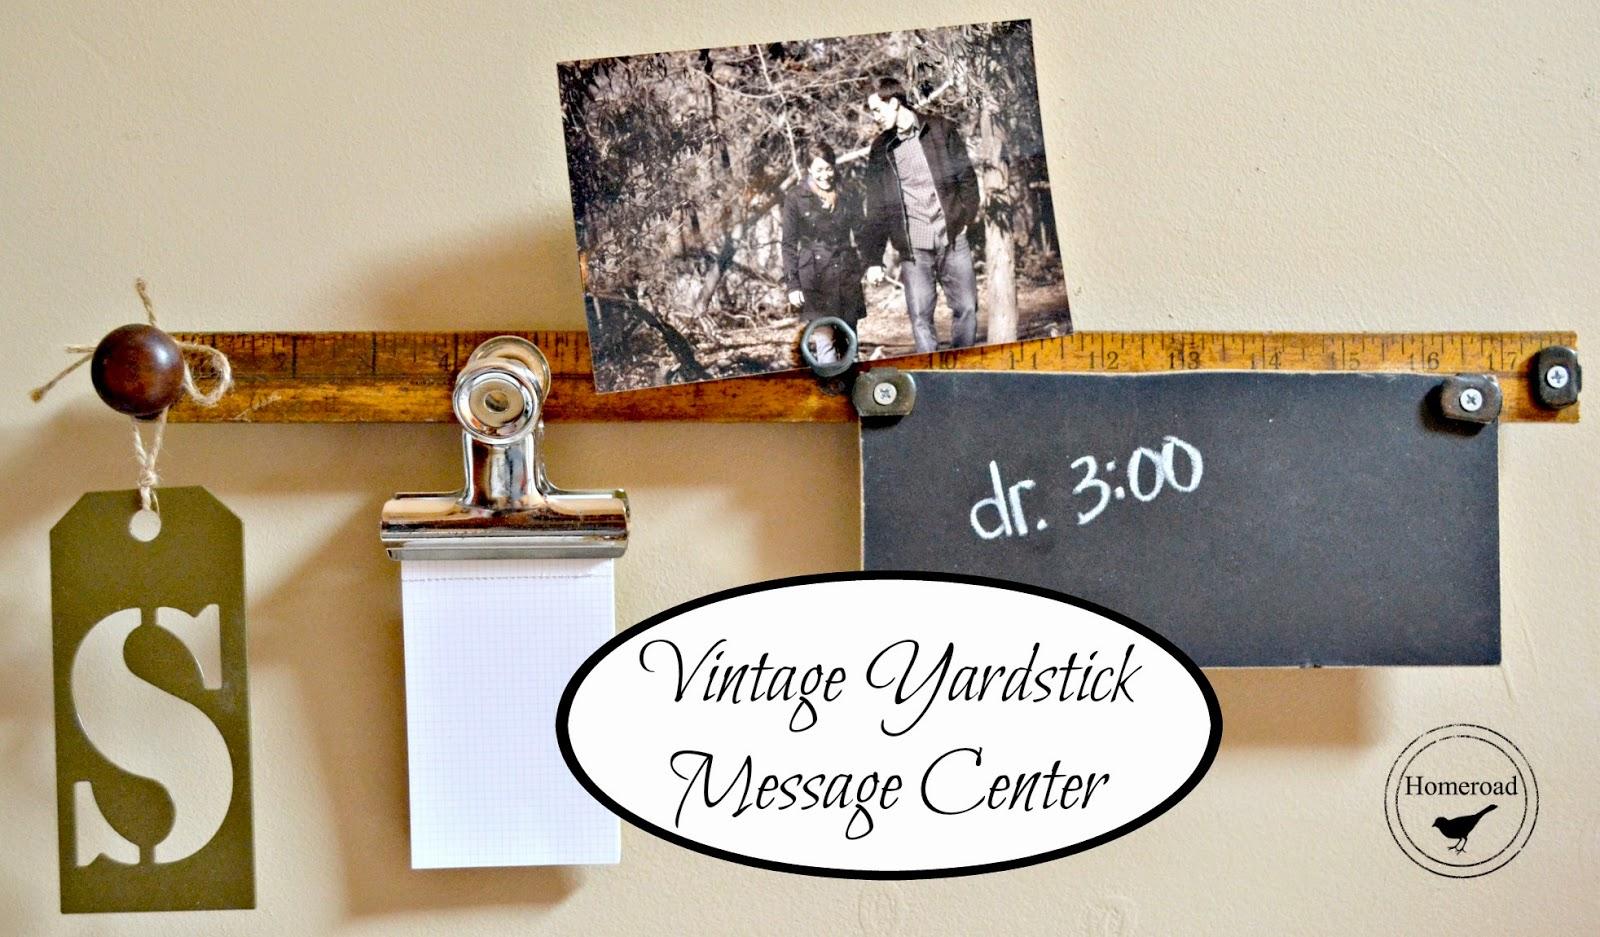 Vintage yardstick message center.